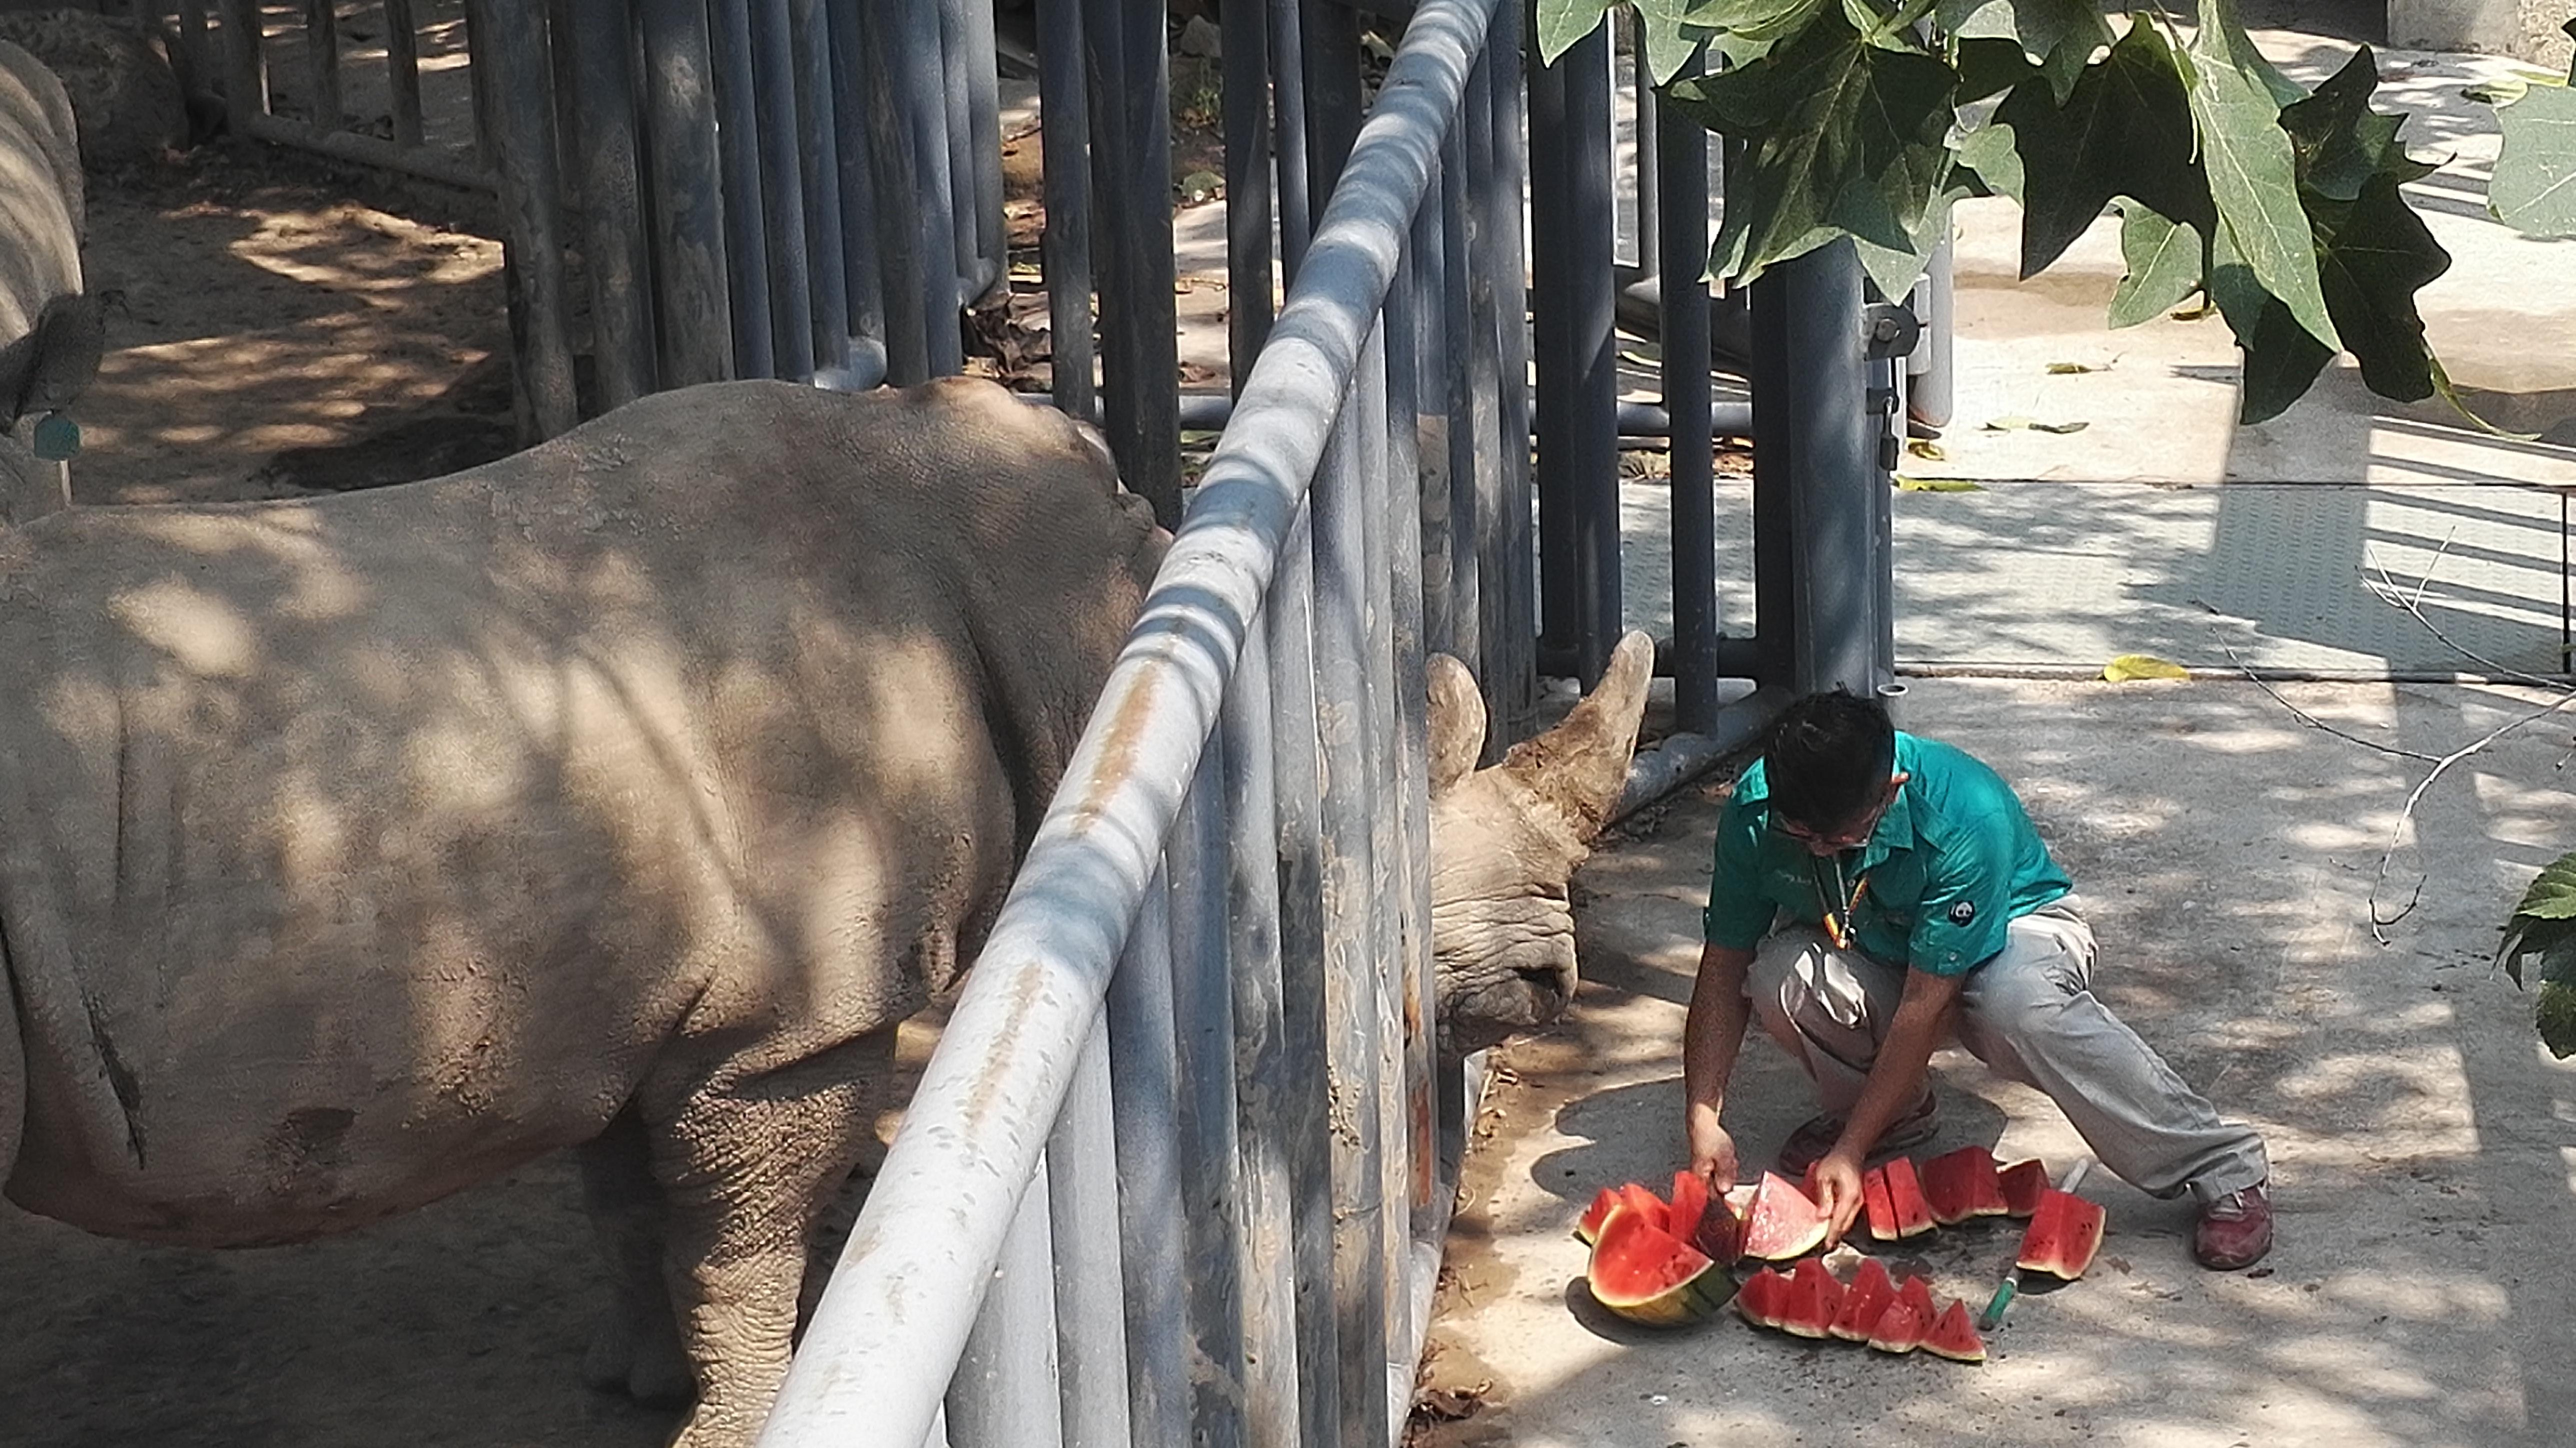 7月12日,北京动物园的一只犀牛在吞咽饲养员为它切好的西瓜。新华社记者 魏梦佳 摄